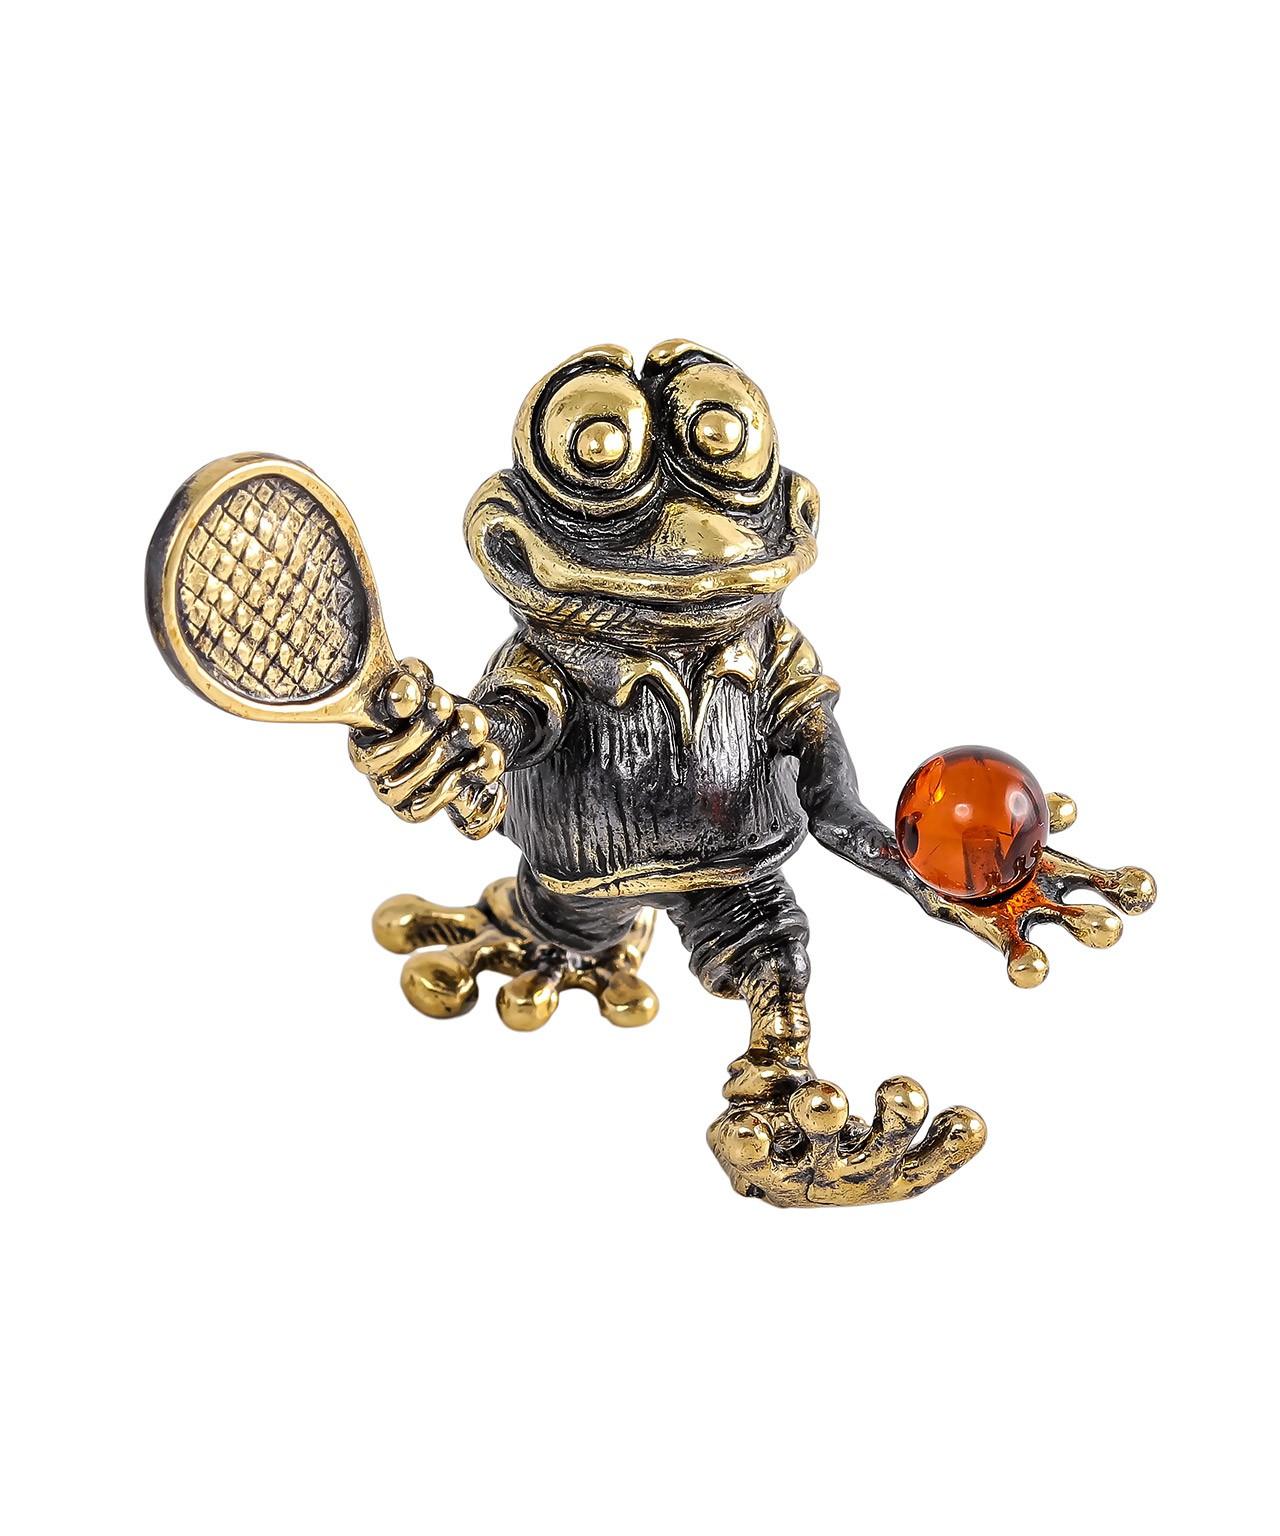 Спорт Лягушка Тенис без подставки 1761.1